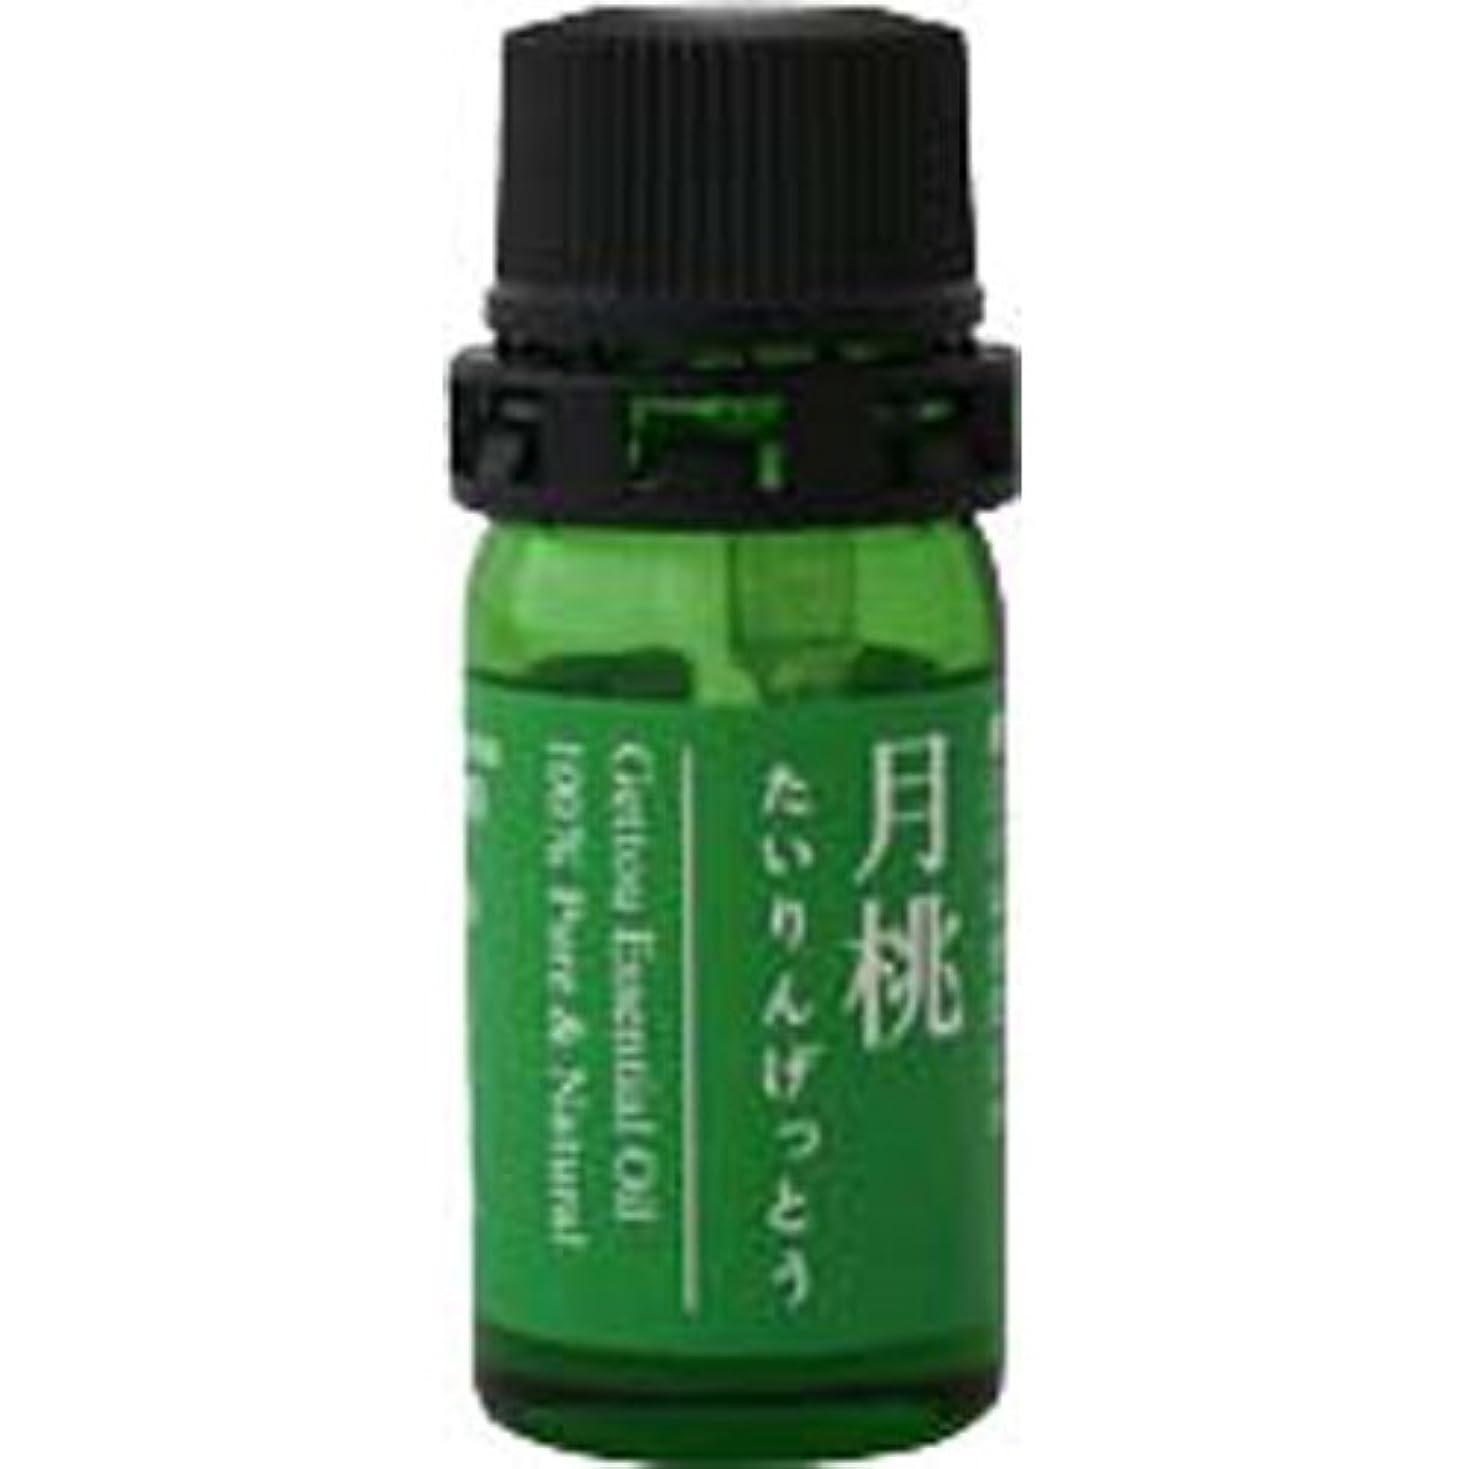 ピア不安定なプロトタイプ月桃 エッセンシャルオイル (タイリン) 2.5ml